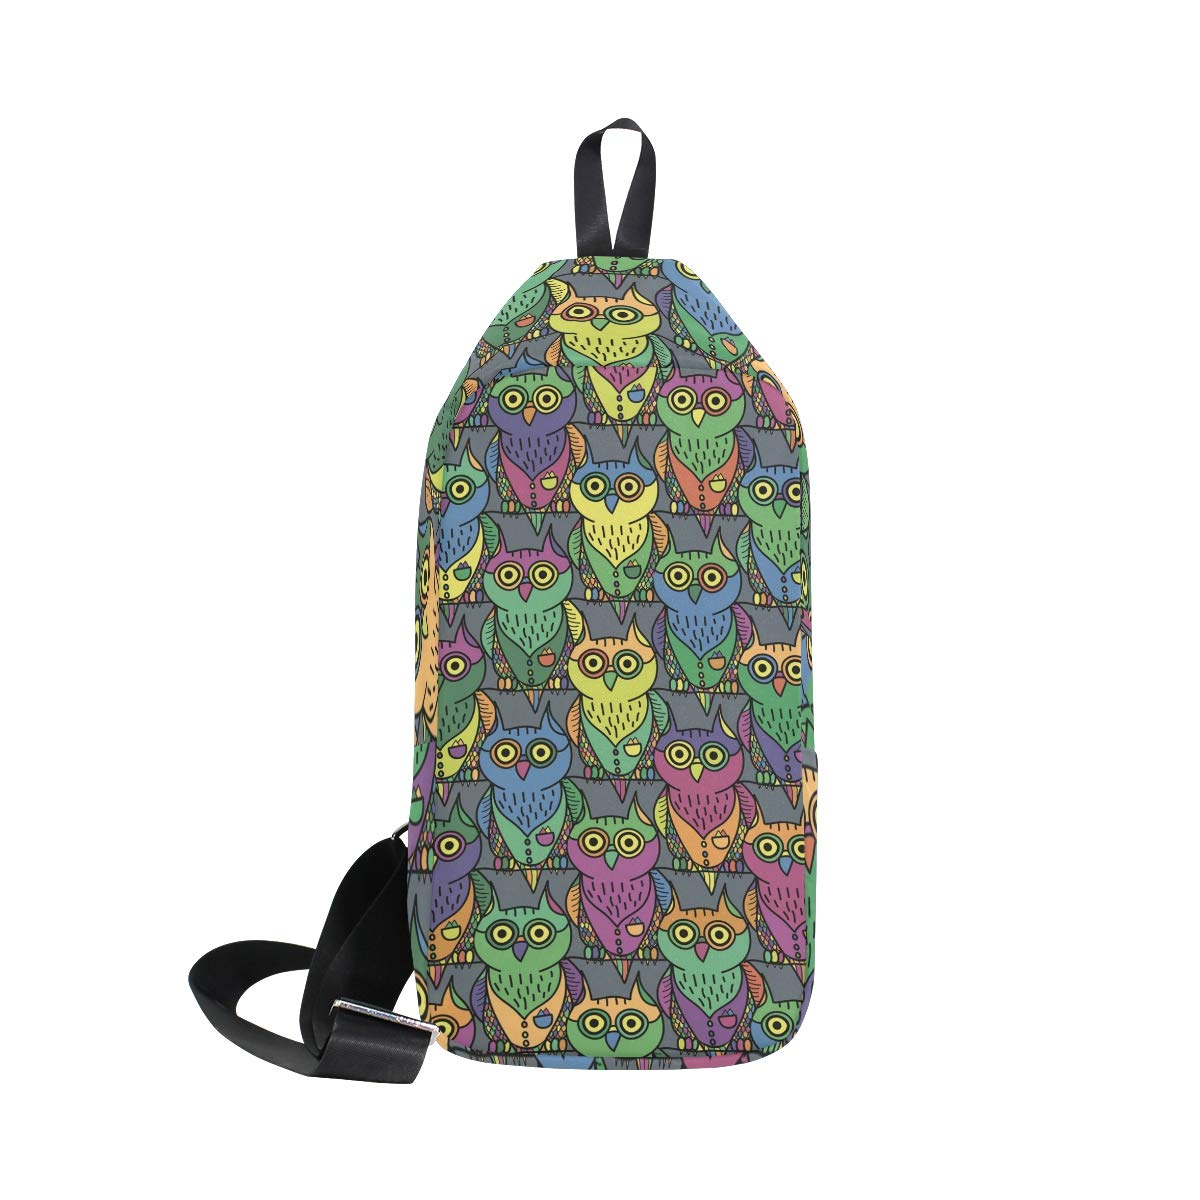 Unisex Messenger Bag Colorful Owl Shoulder Chest Cross Body Backpack Bag